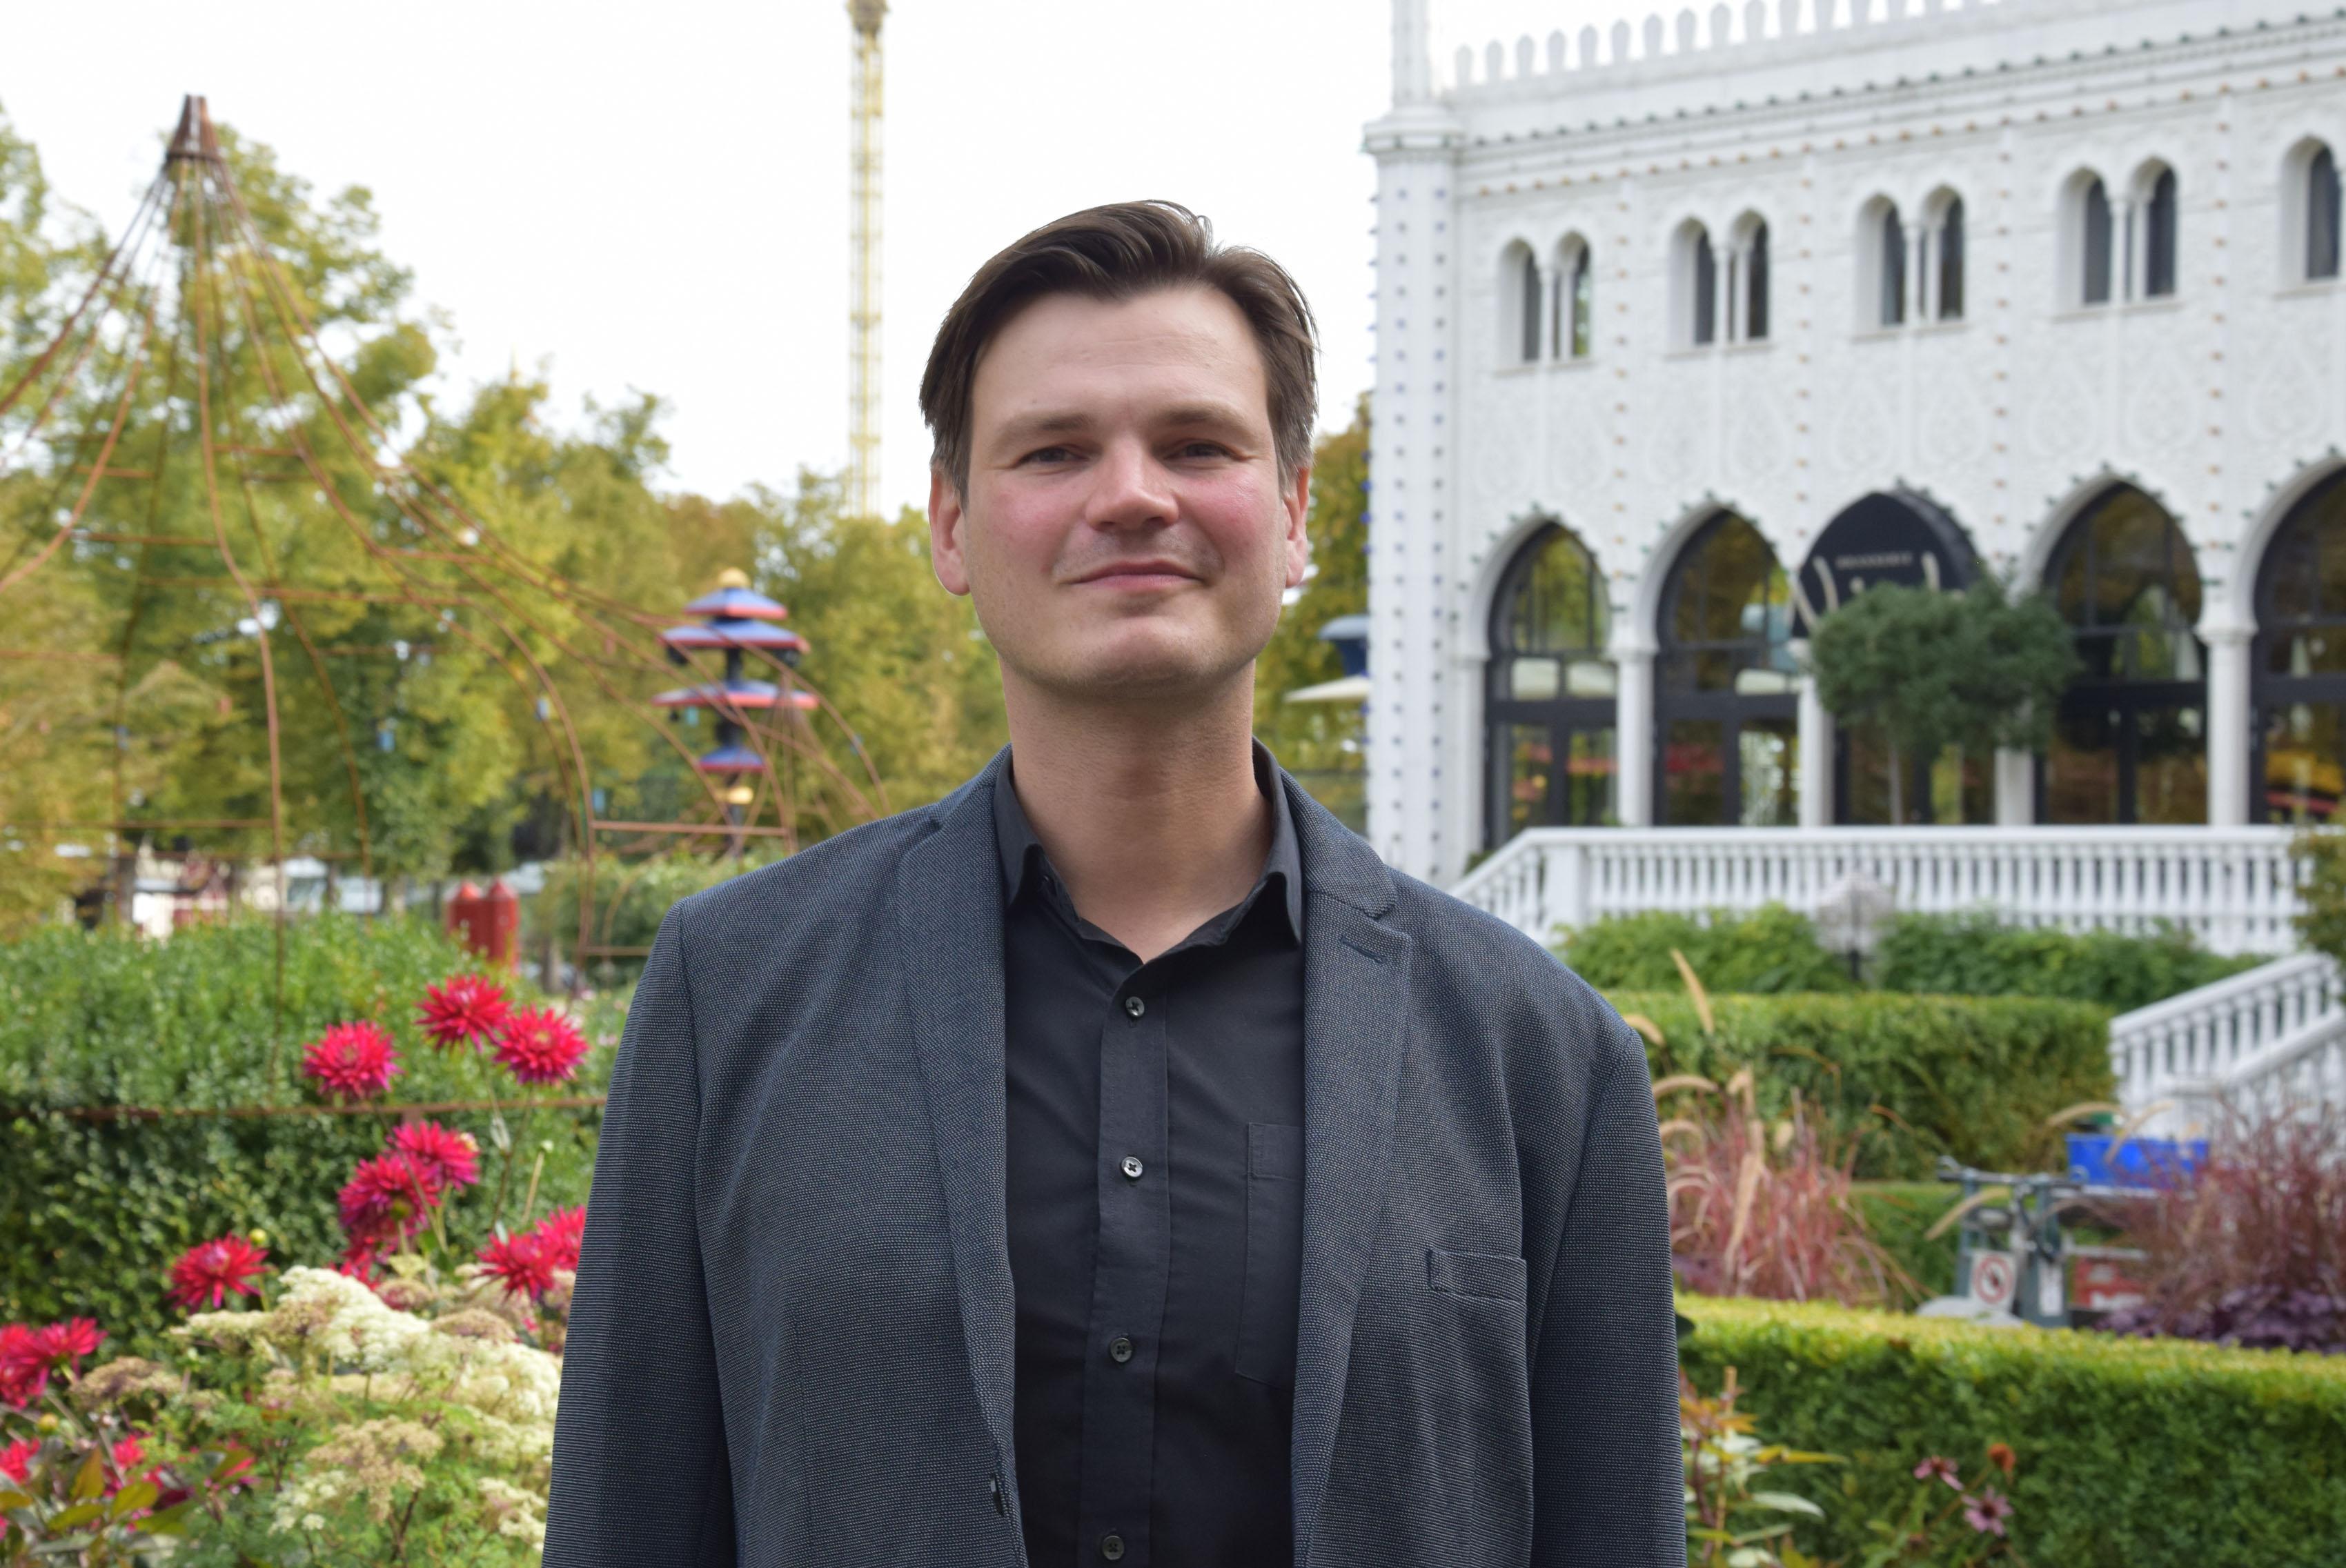 38-årige Jakob Volquards Harreby er fra 1. oktober ny general manager for Food & Beverage (F&B) i Tivoli. Foto: Torben Plank.